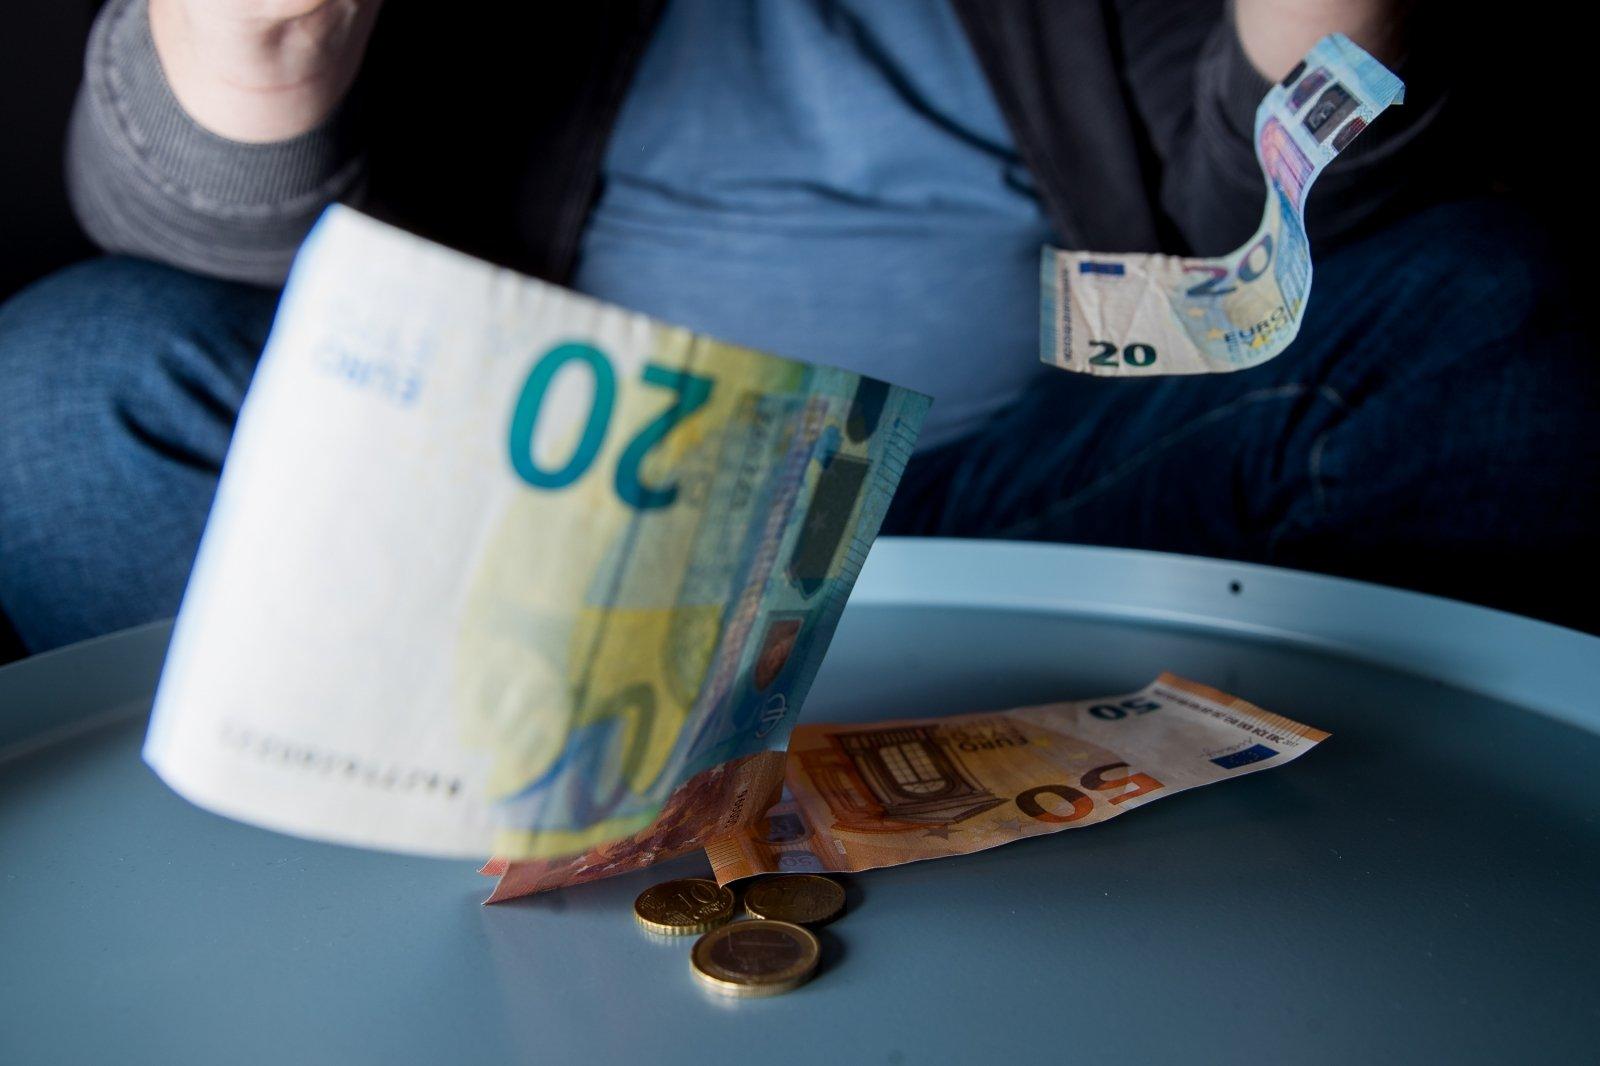 pasirinkimo sandoriai euro doleris btcon botai uždarbiui